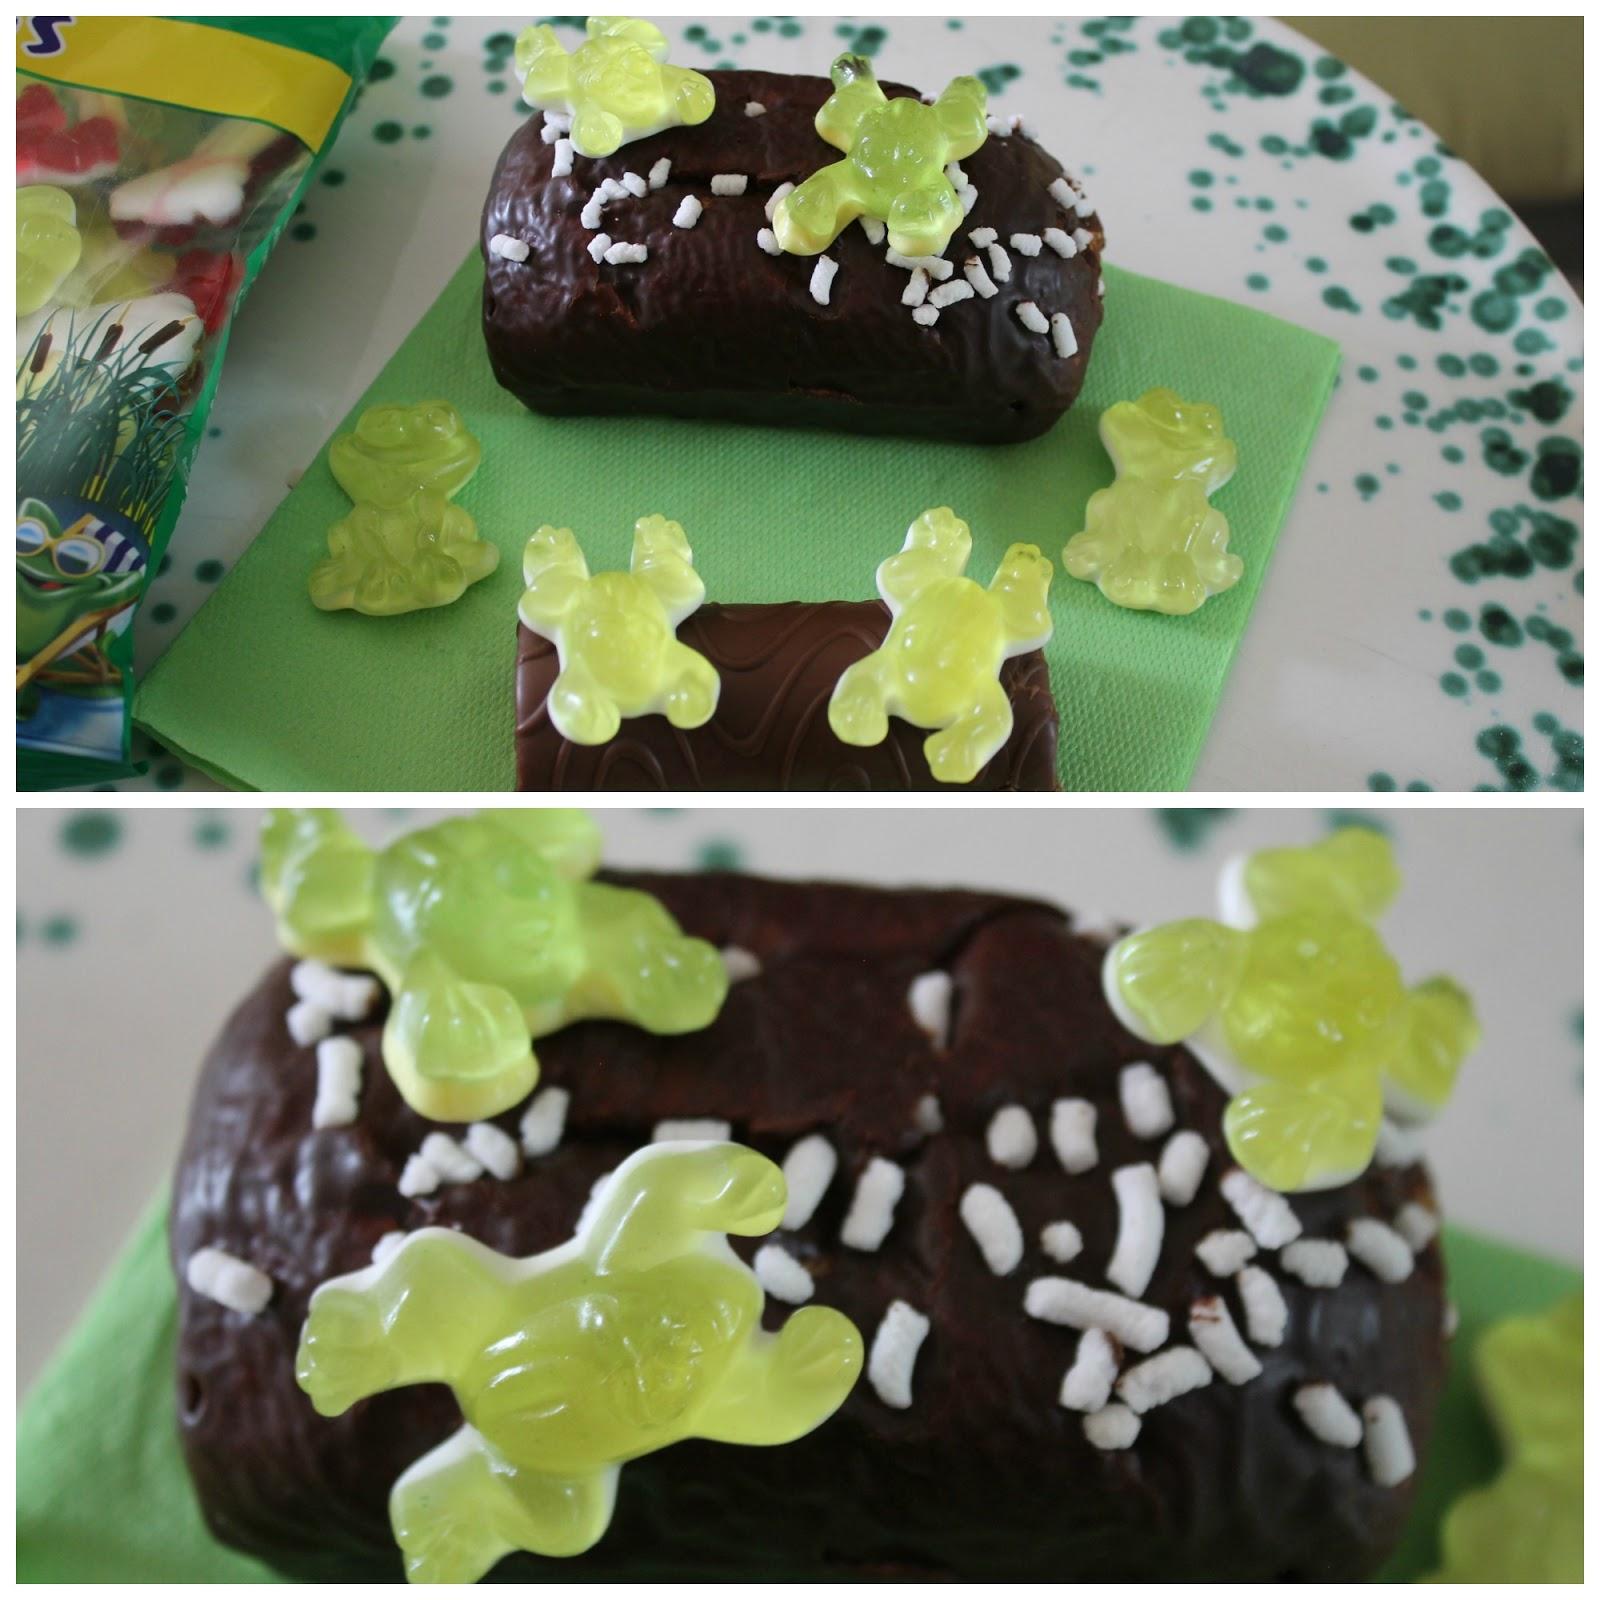 Ho utilizzato solo due modelli di ranocchi verdi. Il più realistico è  proprio quello col pancino bianco o verde 88349e3b6381